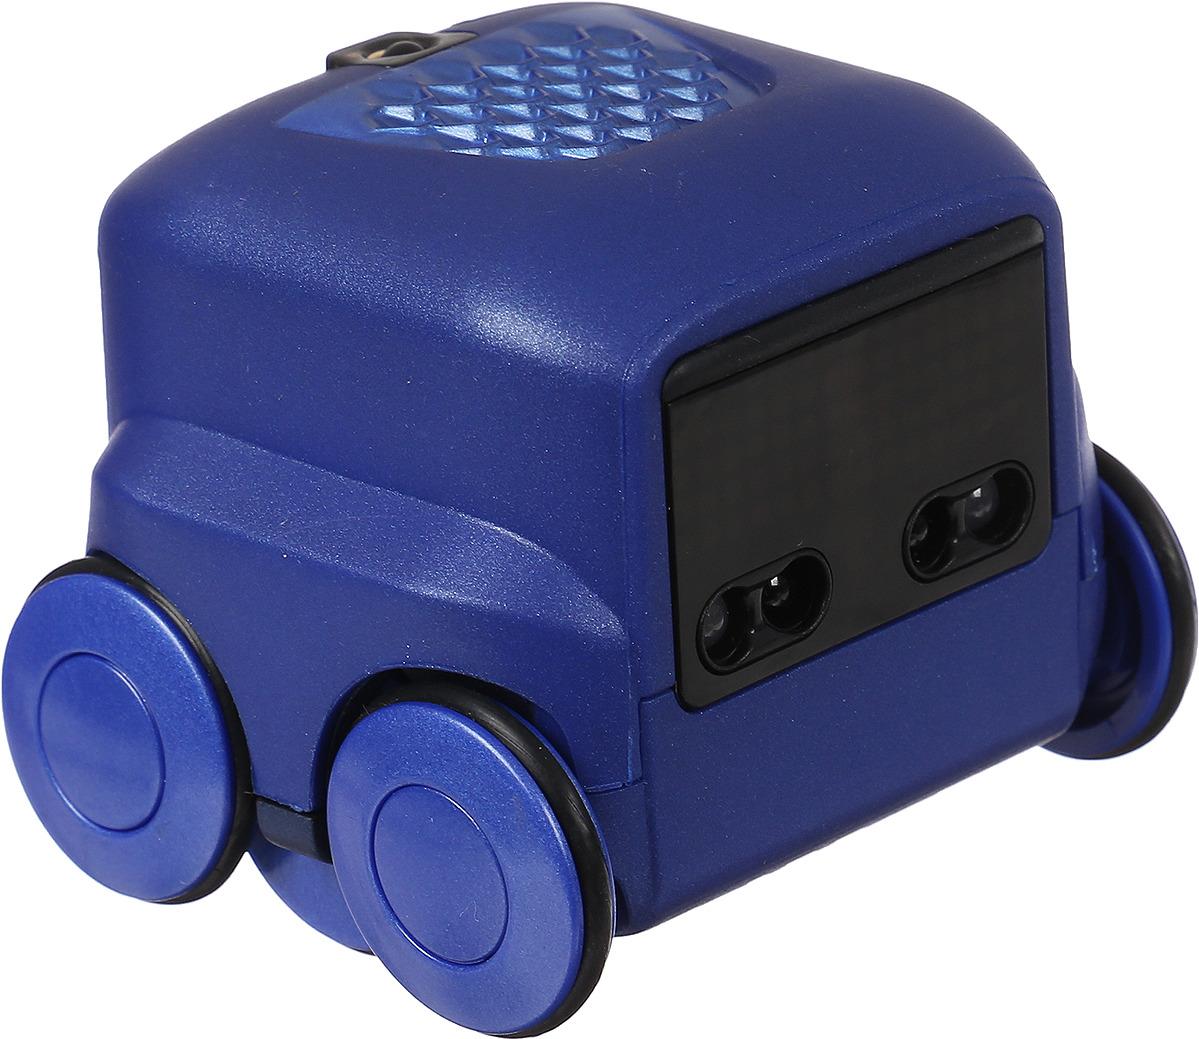 Интерактивный робот-боксер Boxer, 75100, синий boxer 75100 bs интерактивный робот синий